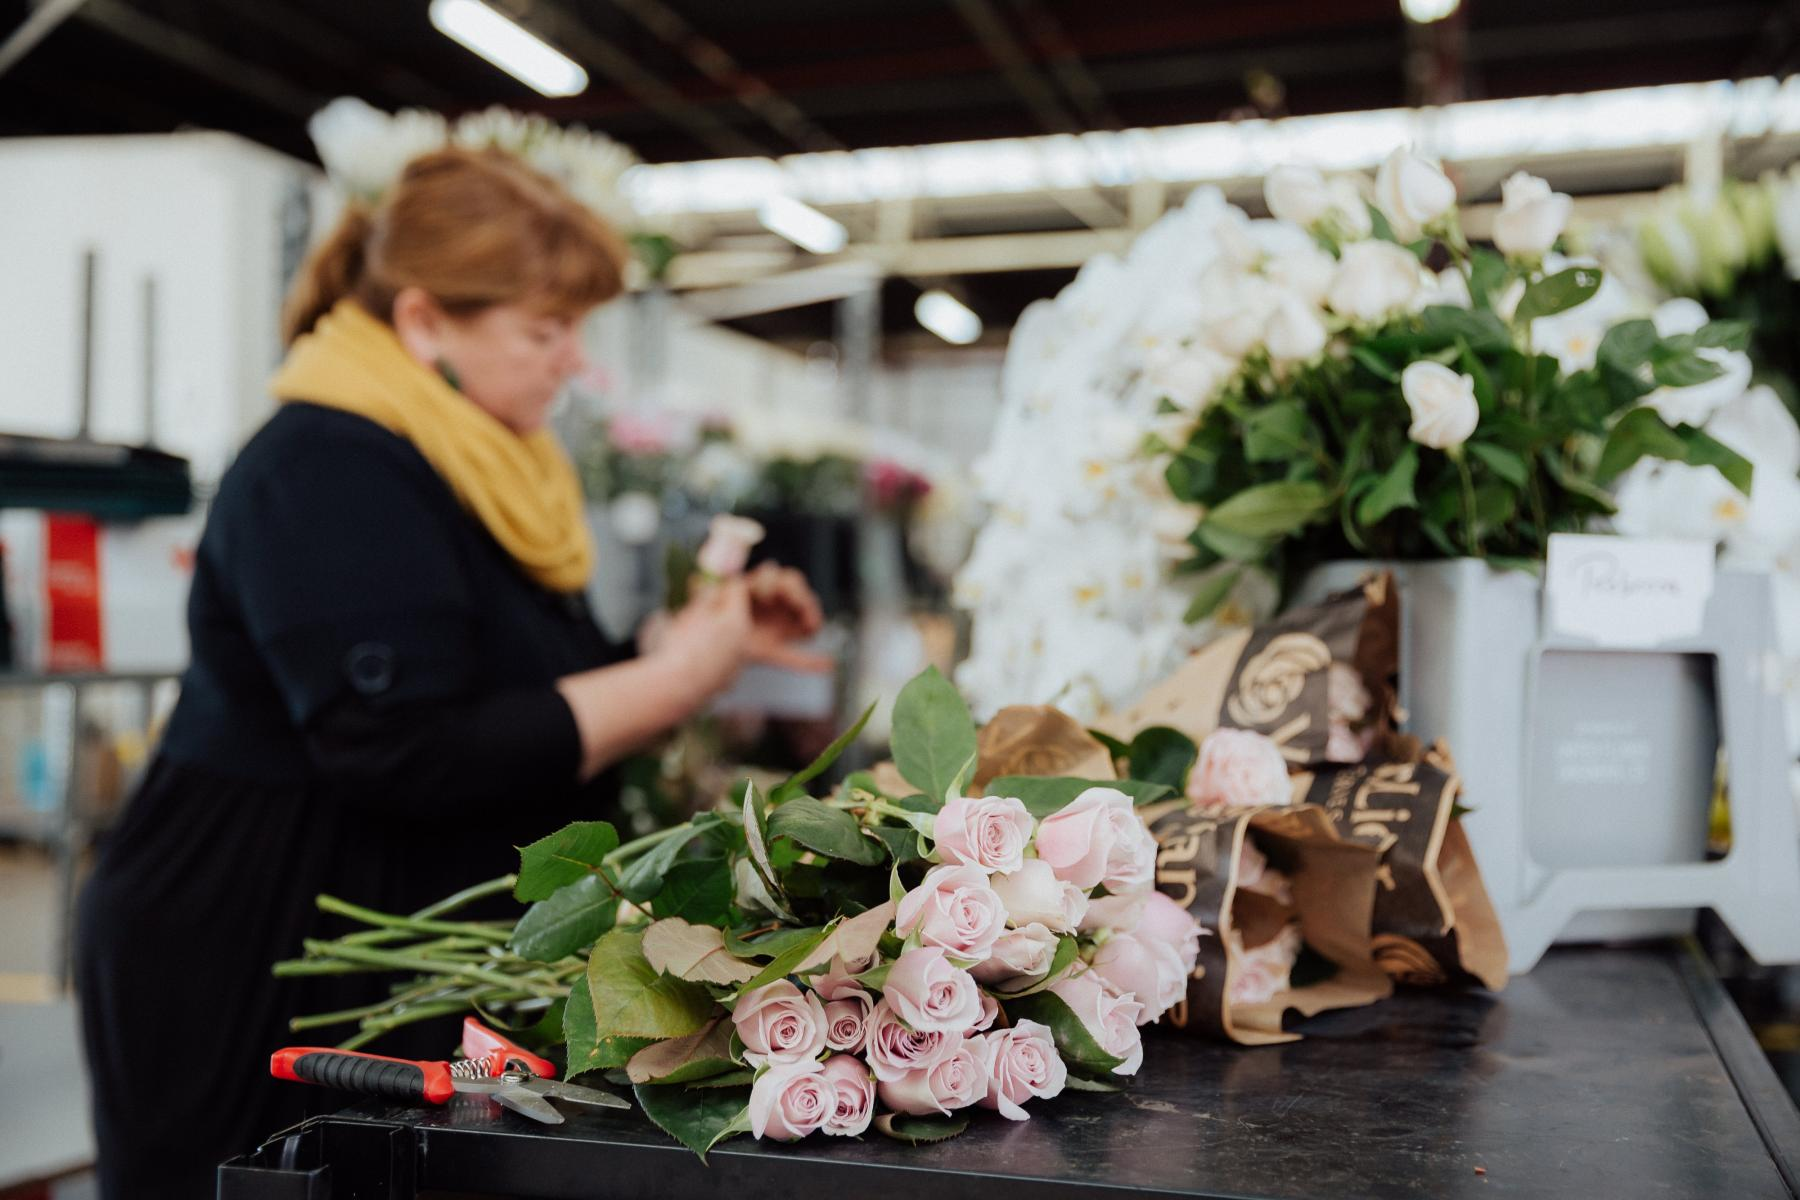 NZ_Flowers_Week_201934-large